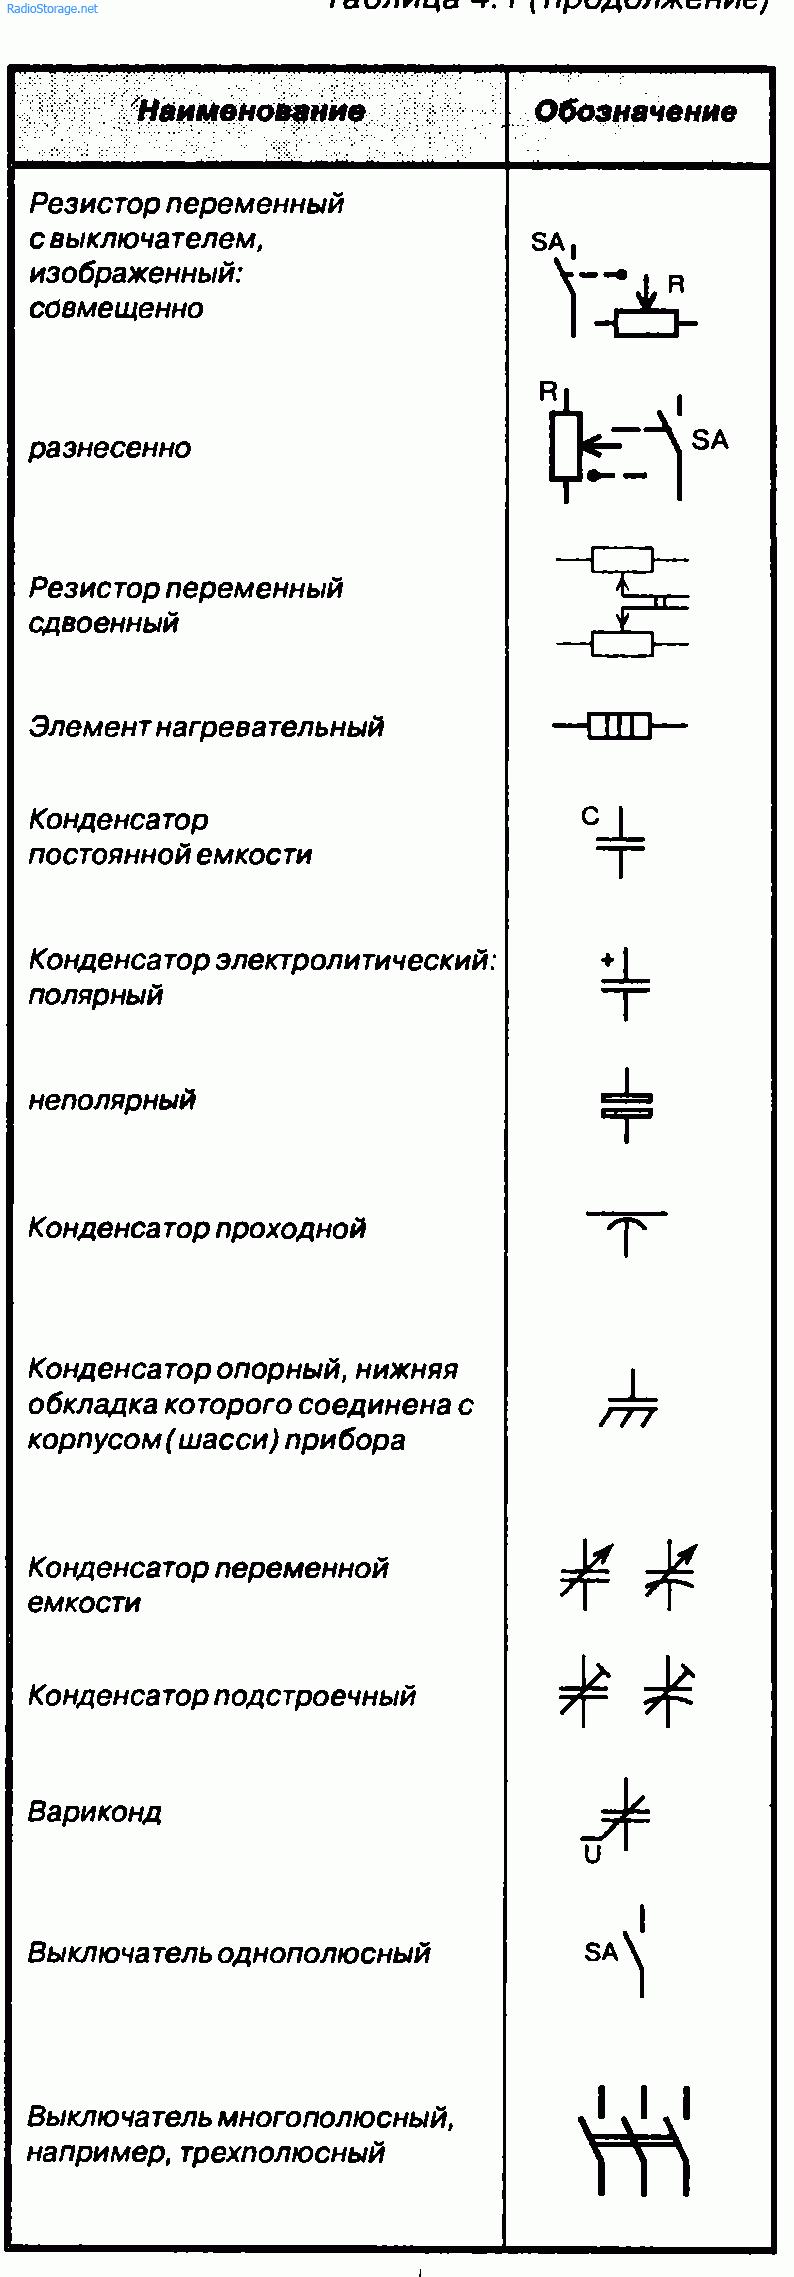 Как читать схемы радиоэлектронных устройств, обозначения радиодеталей